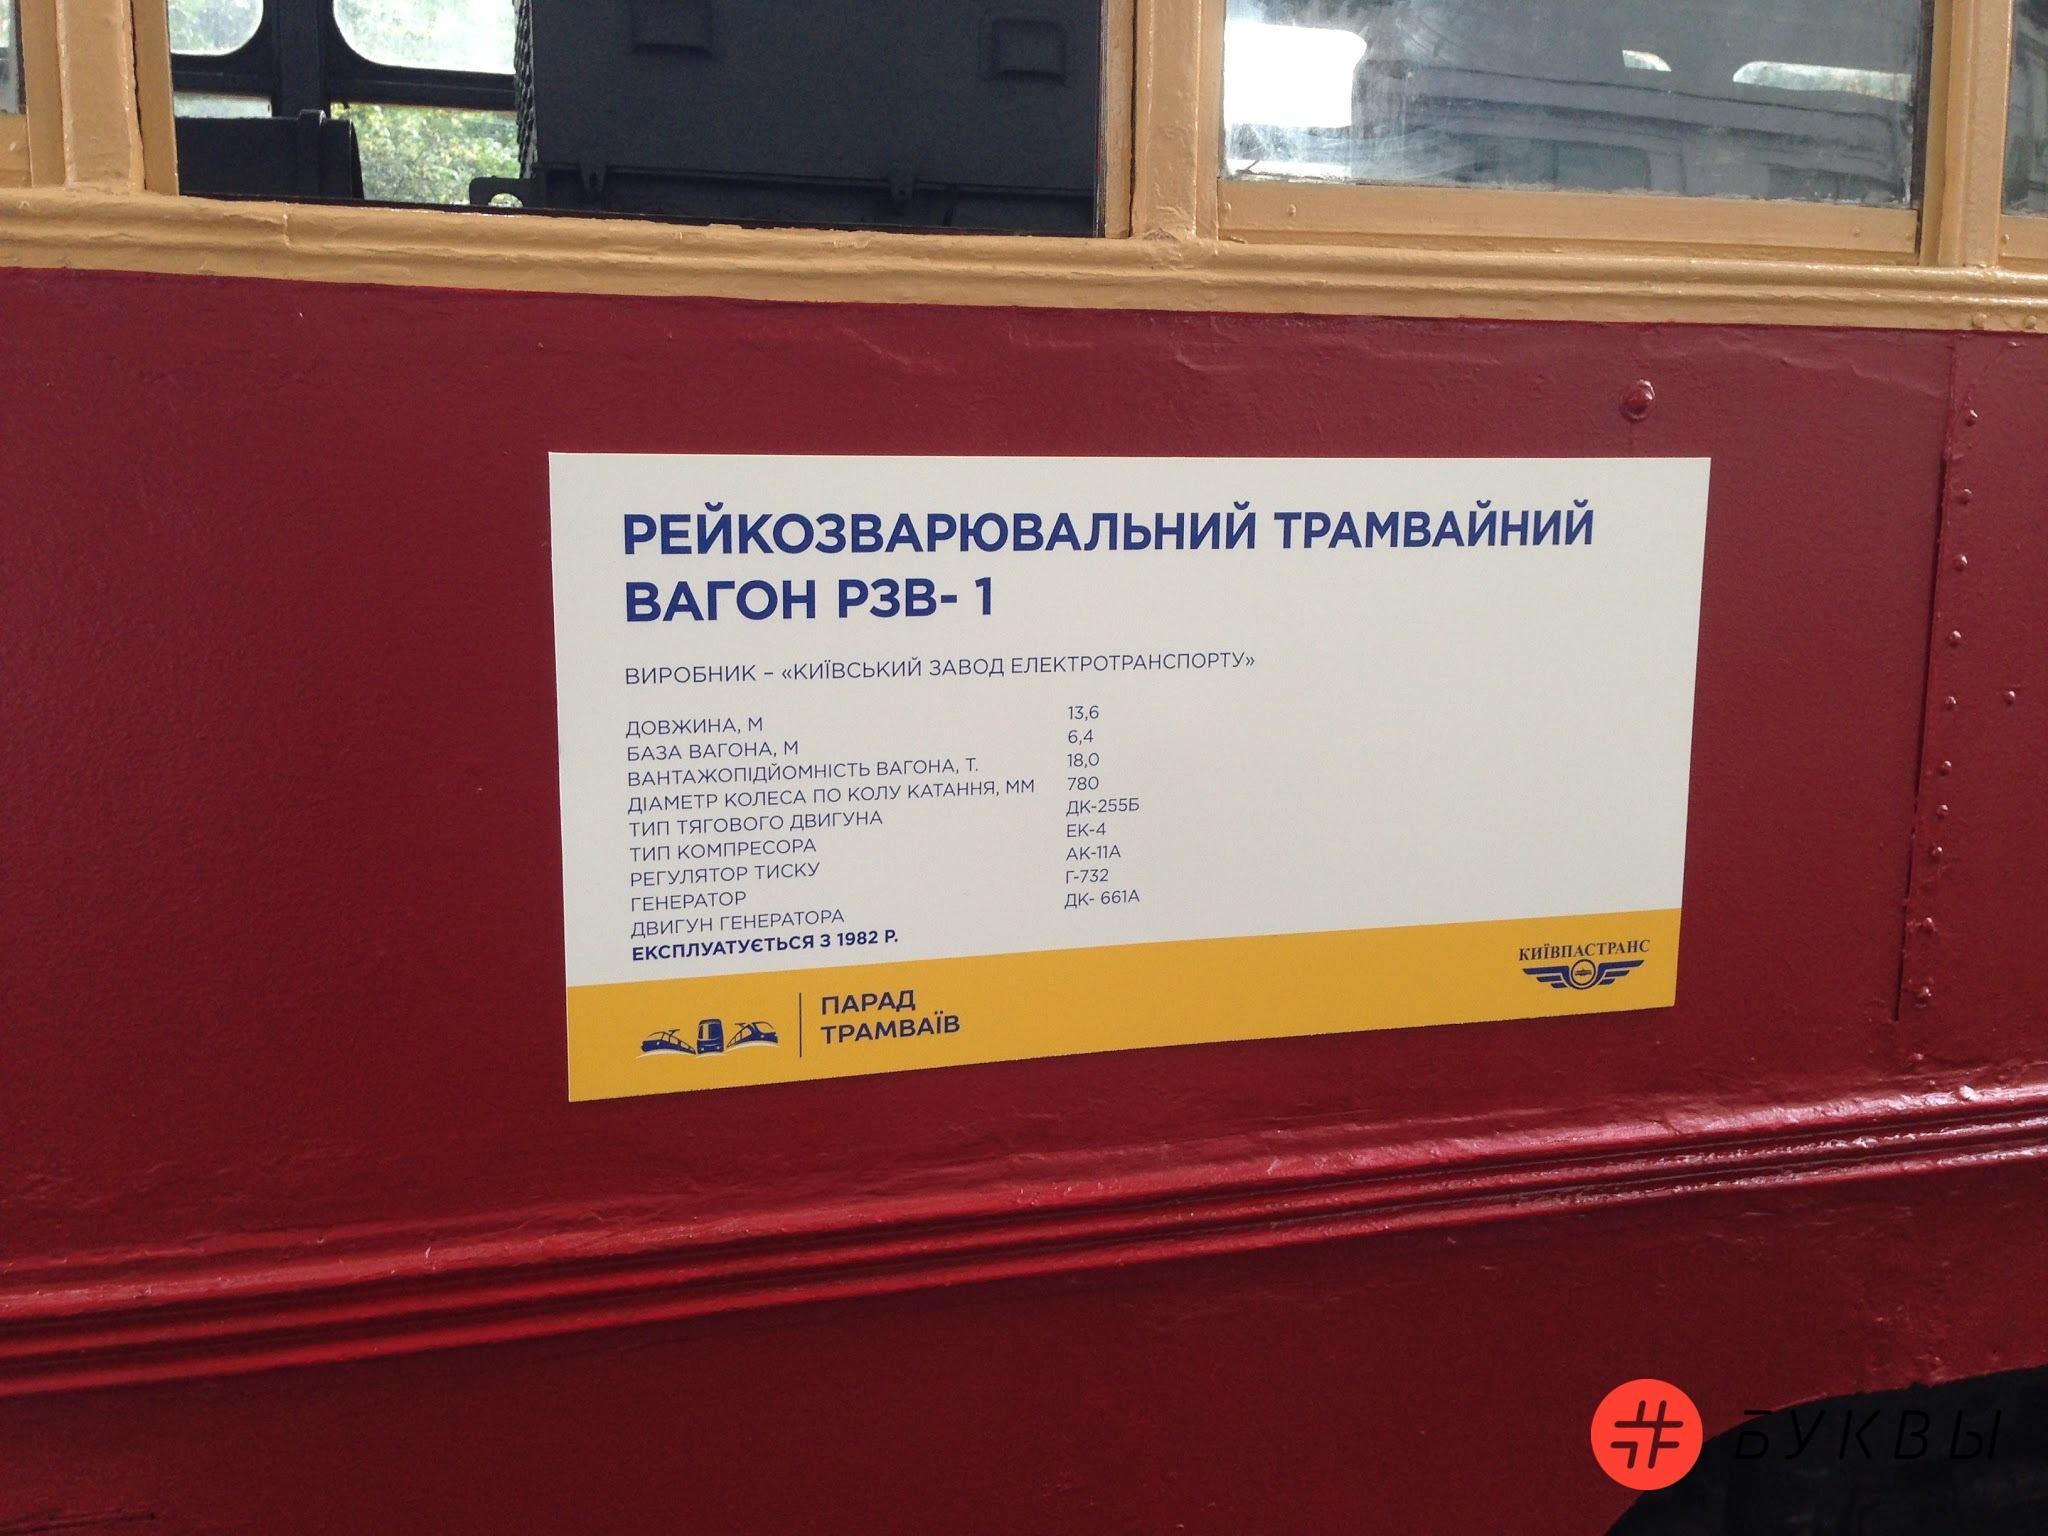 Парад трамваев_24